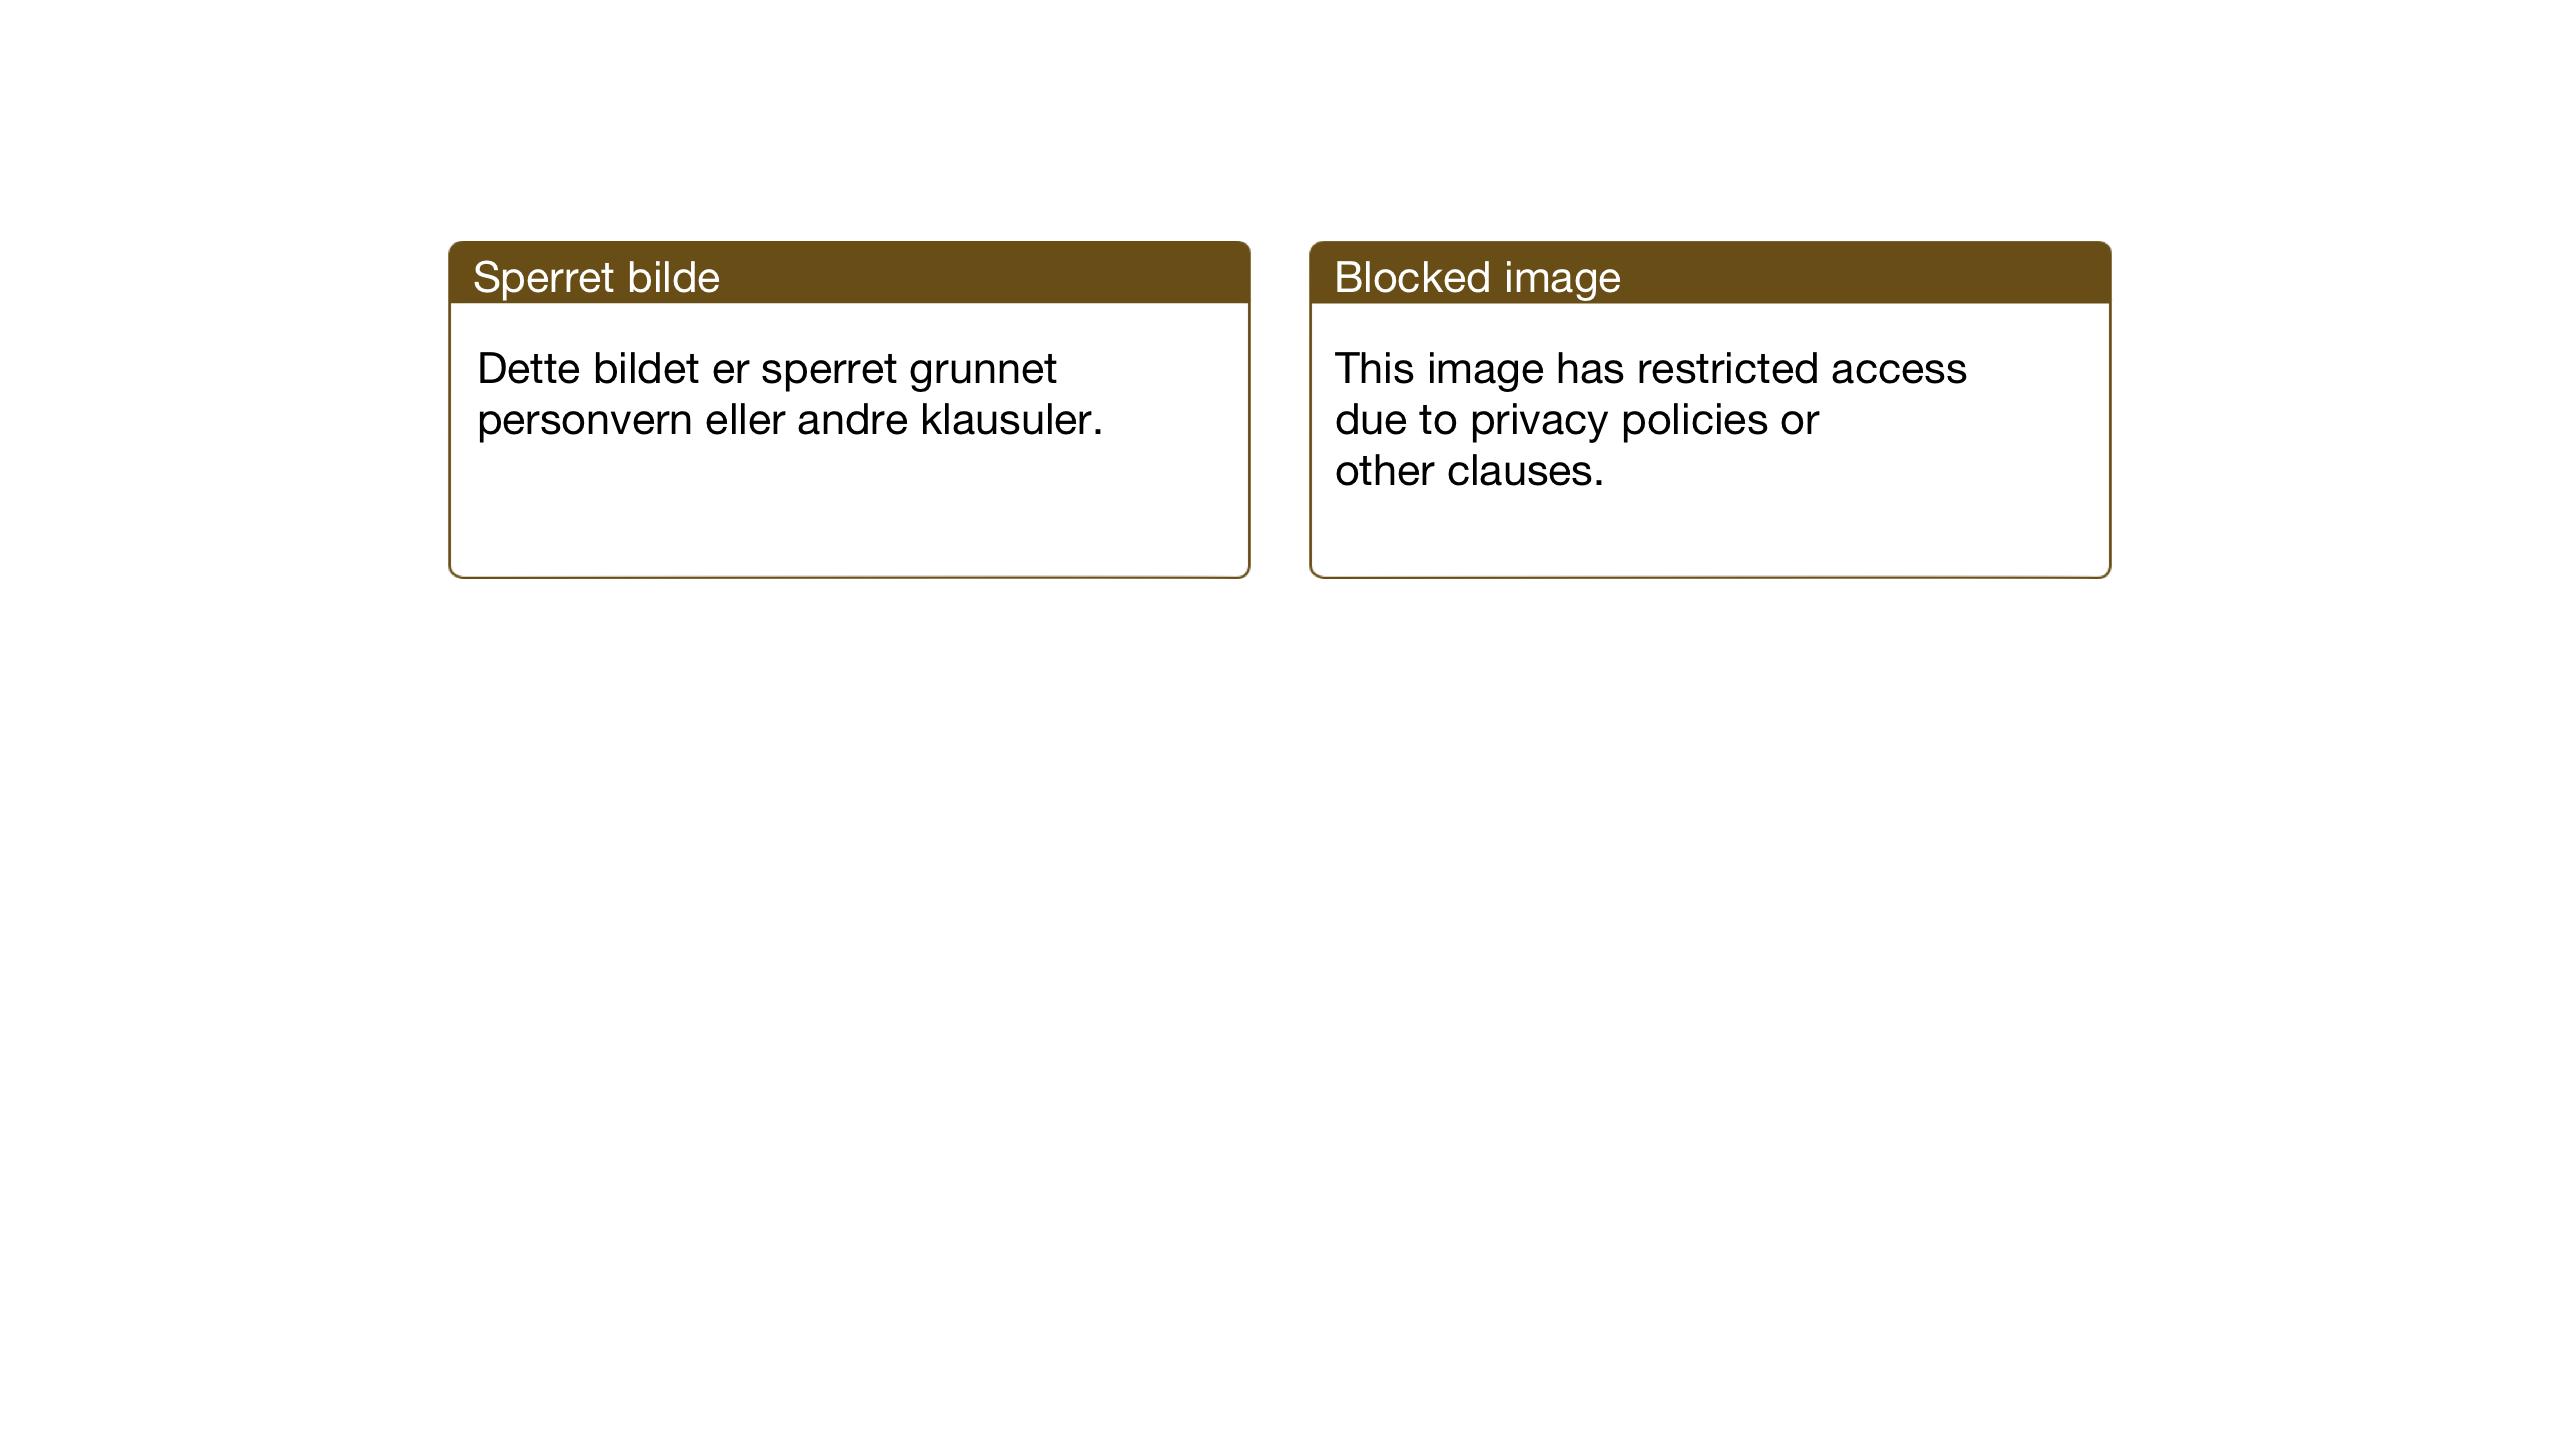 SAT, Ministerialprotokoller, klokkerbøker og fødselsregistre - Nord-Trøndelag, 722/L0227: Klokkerbok nr. 722C03, 1928-1958, s. 50